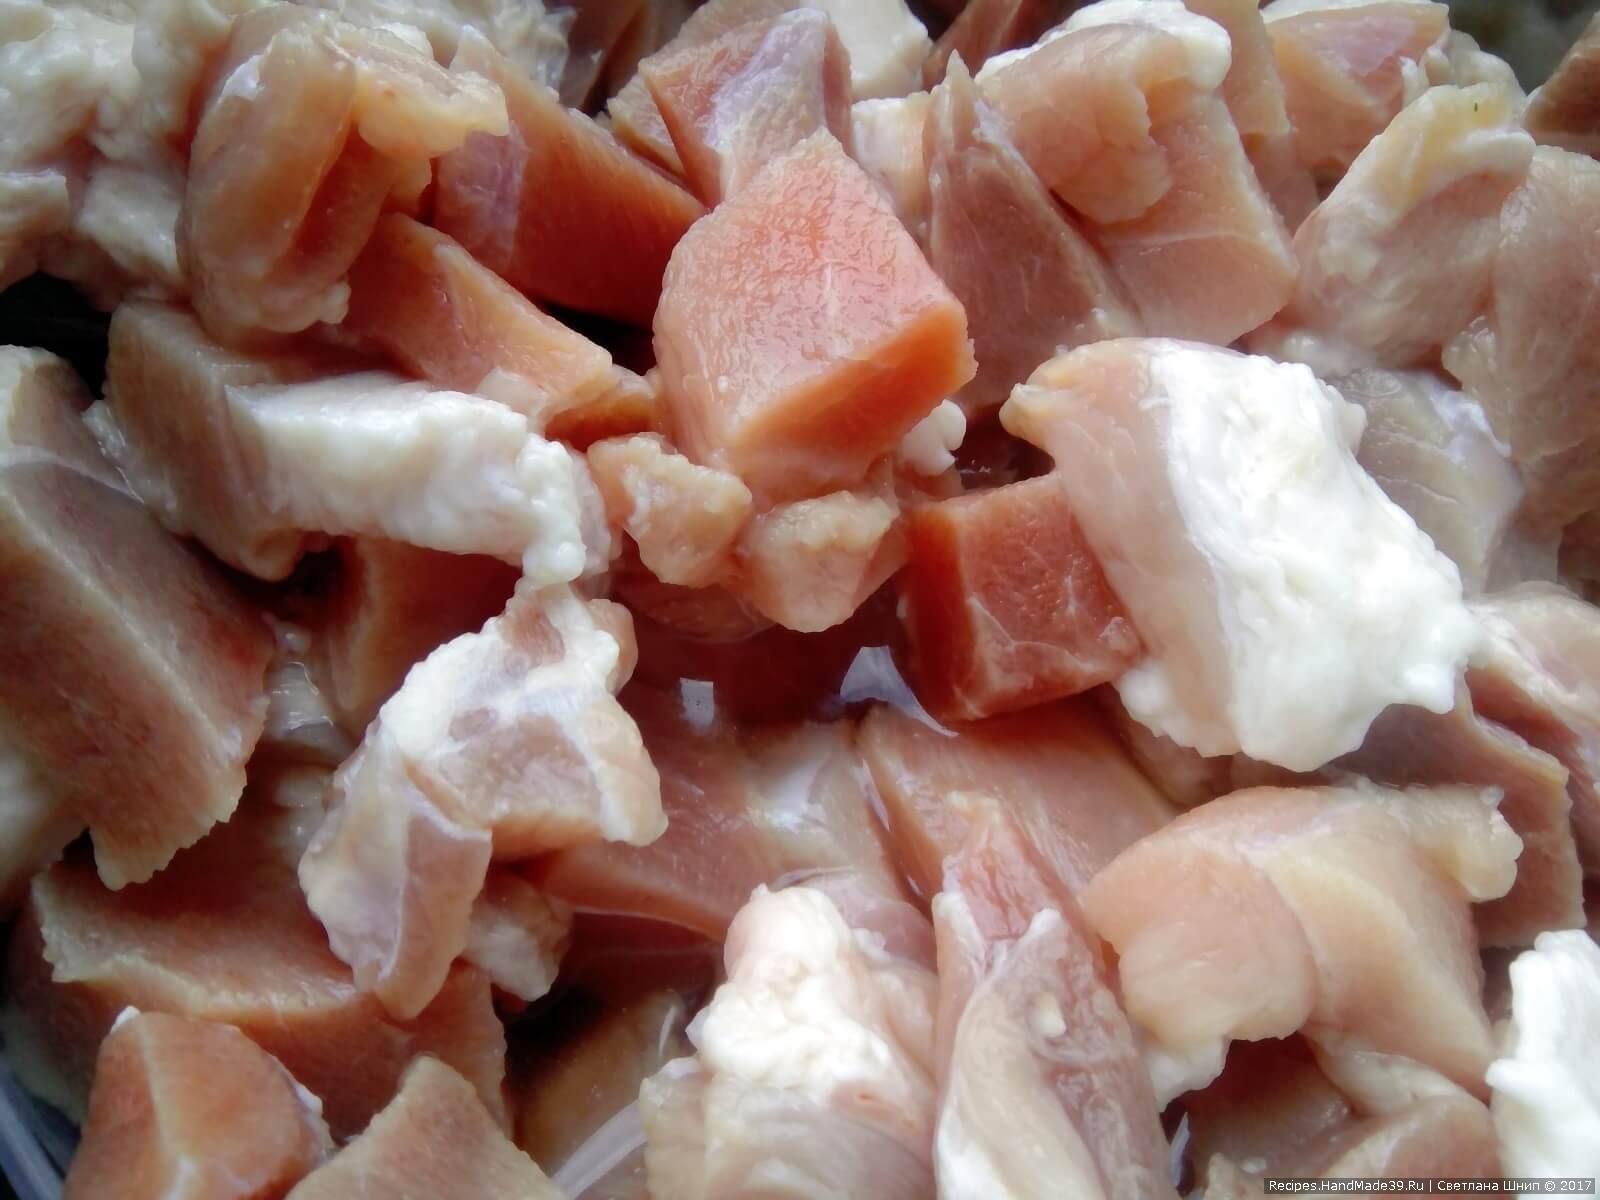 Мясо нарезать кусочками, положить к луку. Добавить специи по вкусу, зиру - в небольшом количестве. Хорошо перемешать. Мясо подавить руками